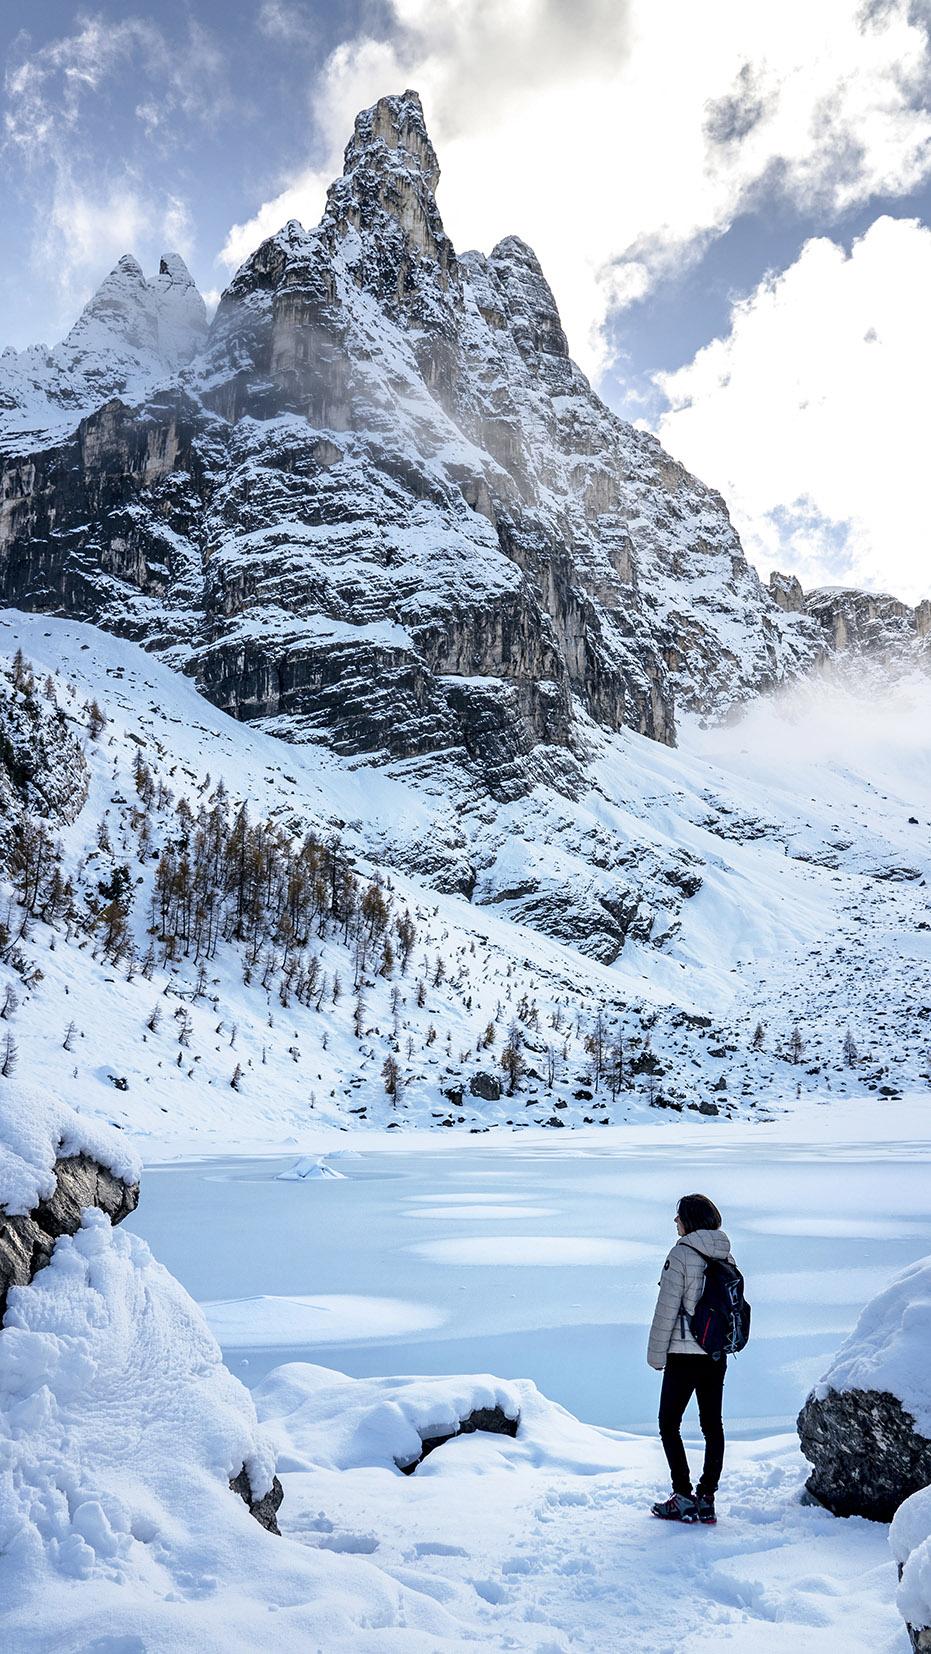 Lago di Sorapis femme bord lac gelé turquoise montagnes